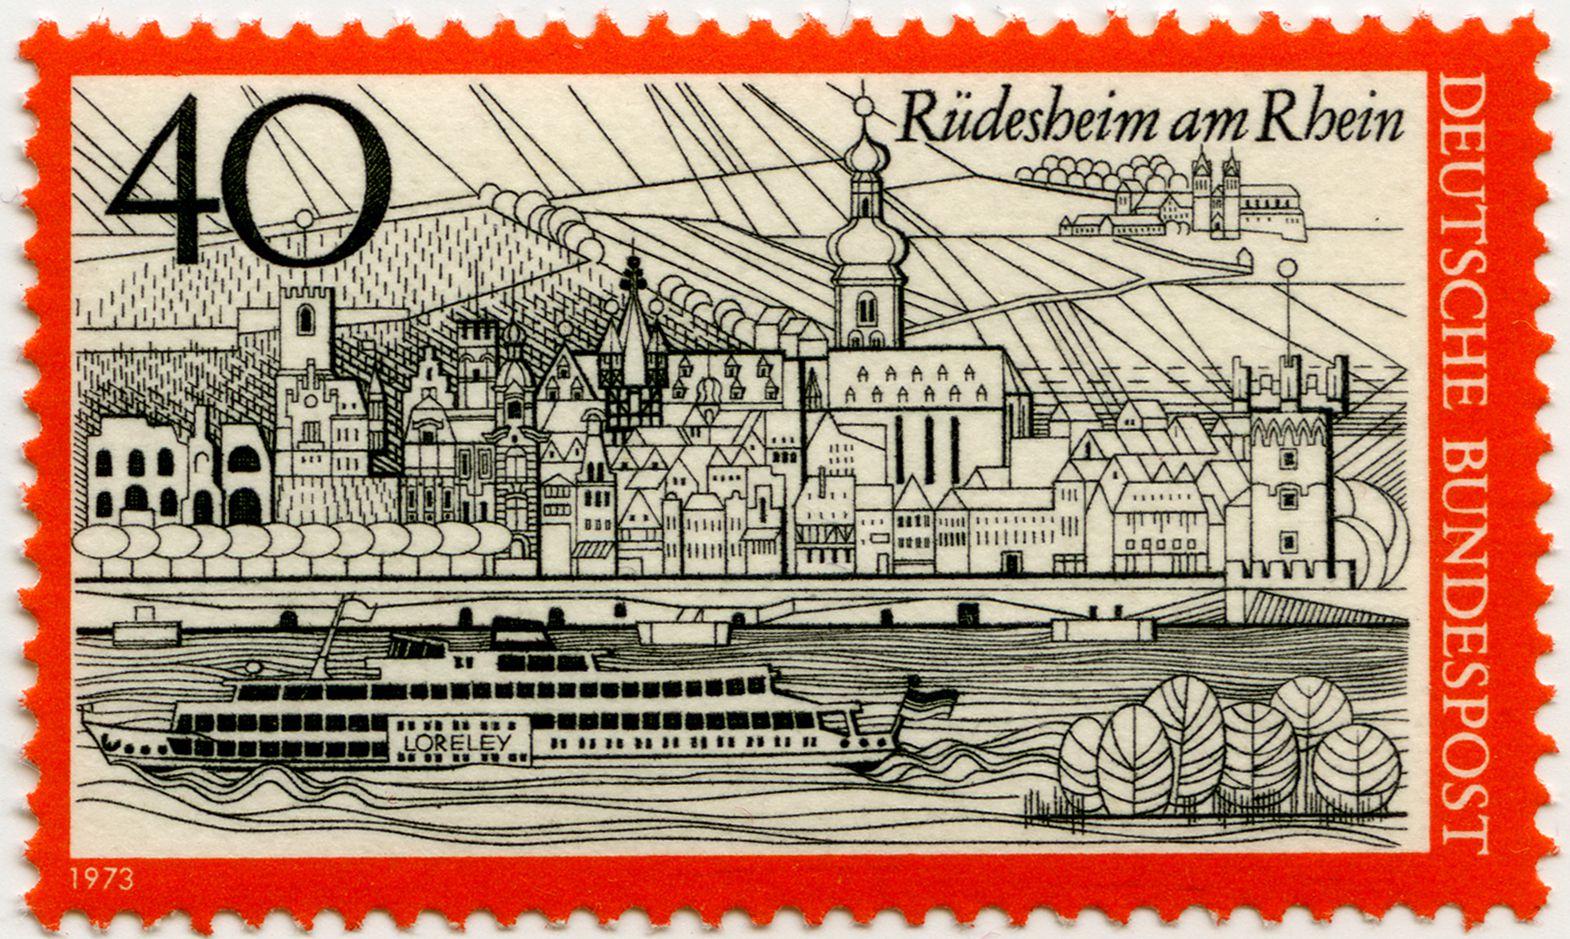 Rüdesheim an Rhein Gesamtansicht